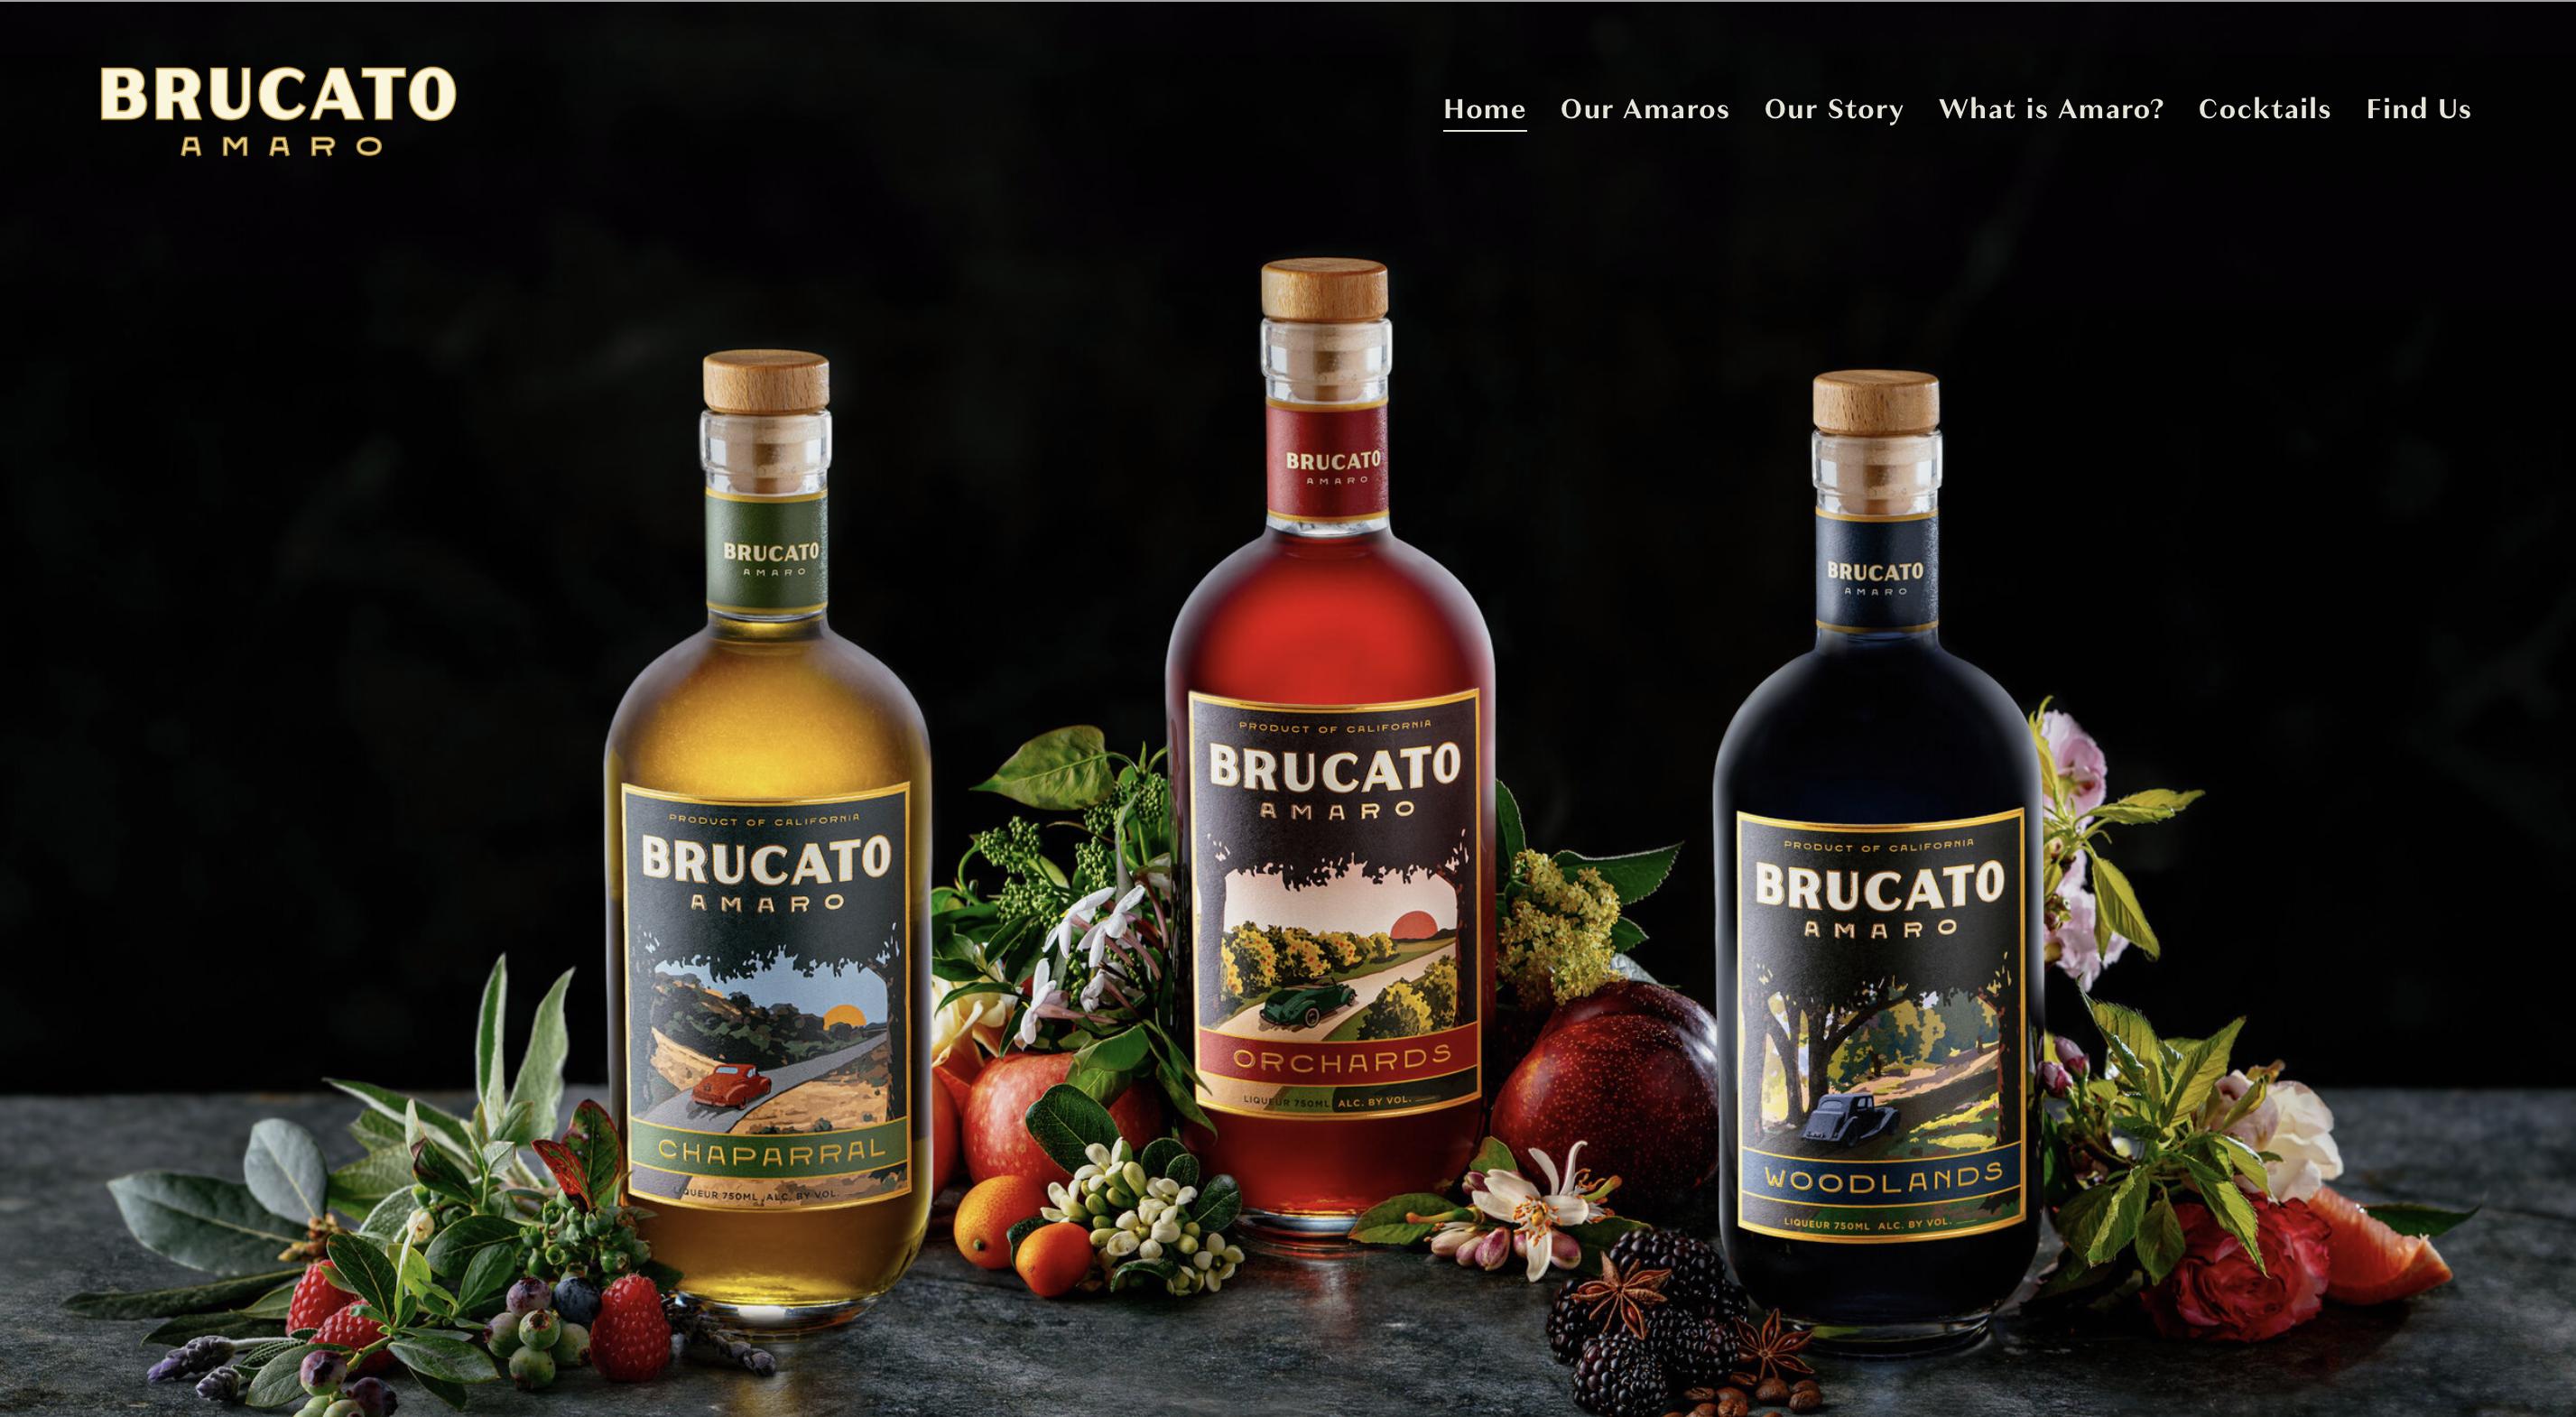 Amaro label design for Brucato Amaro